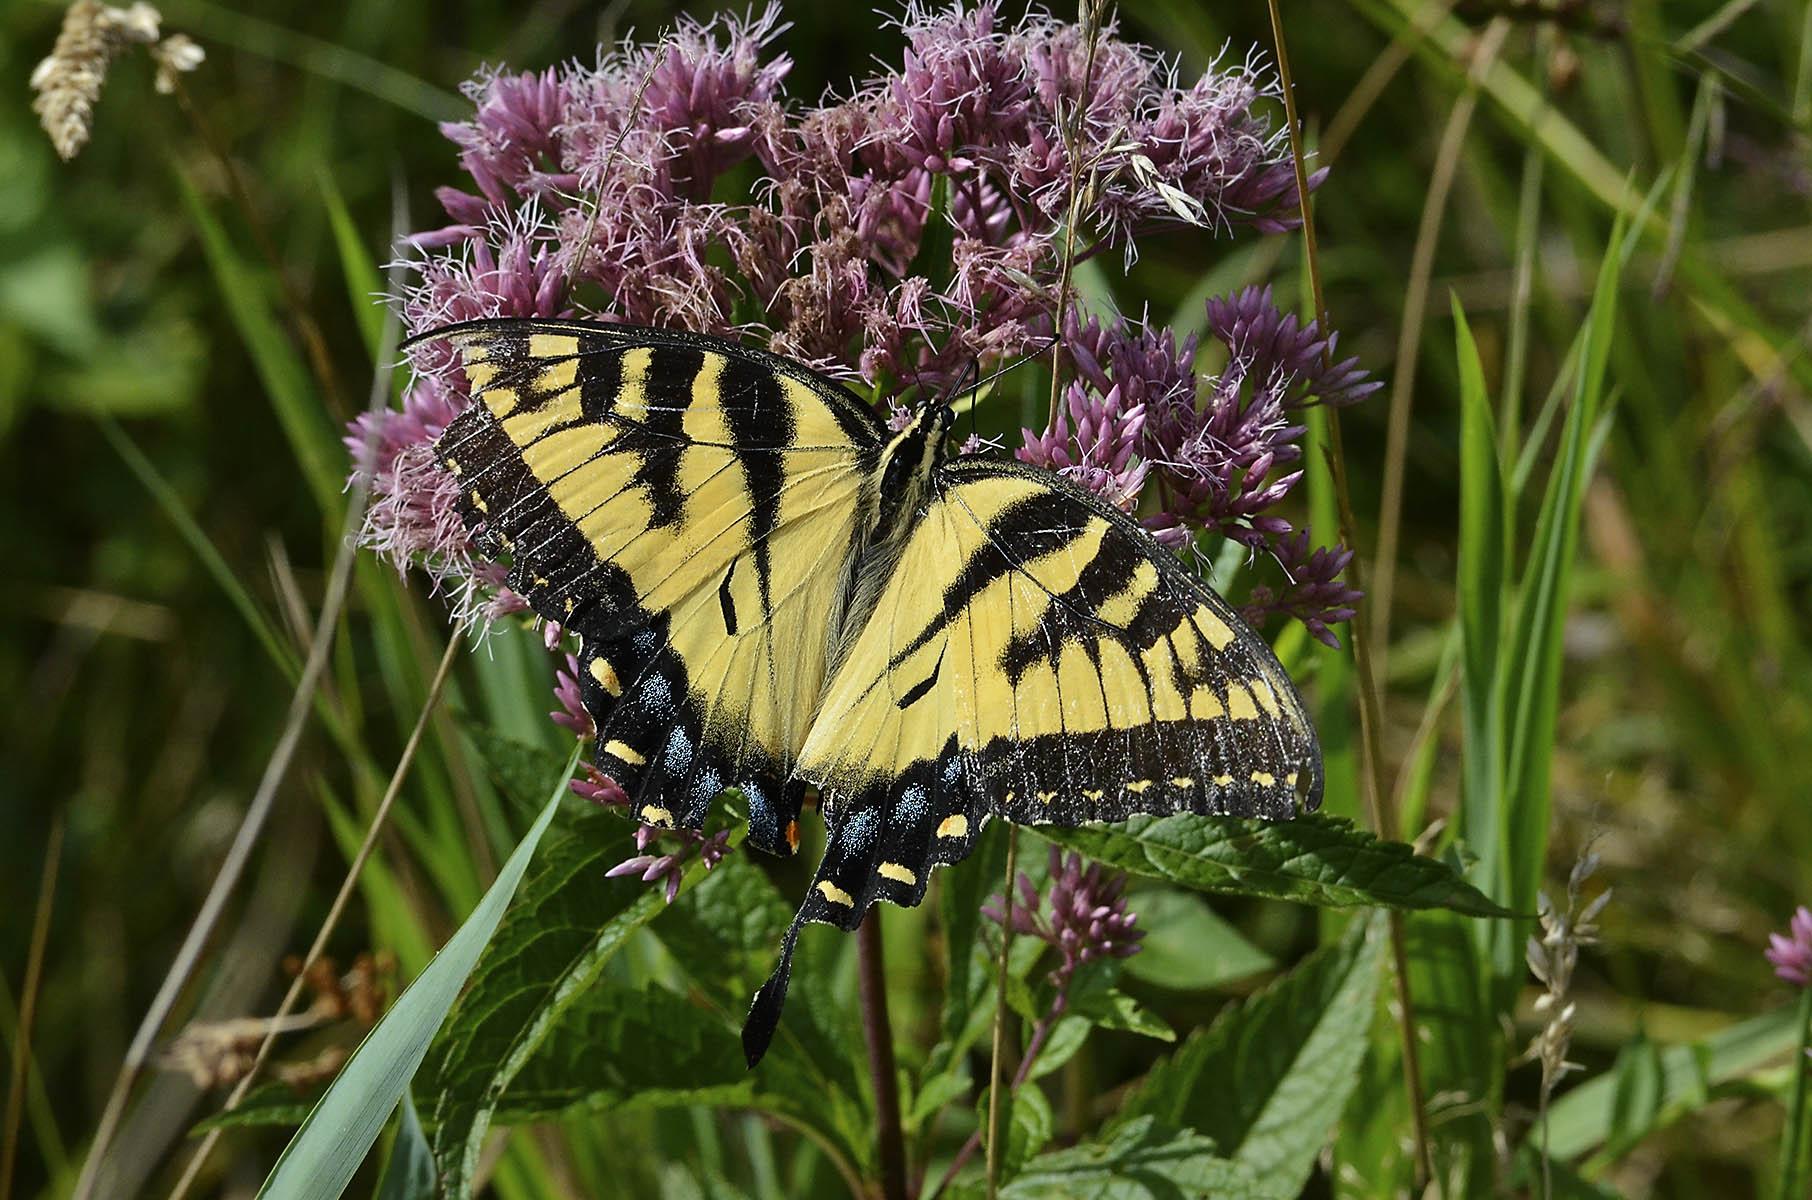 Tiger Swallowtail Butterfly on Joe Pye Weed